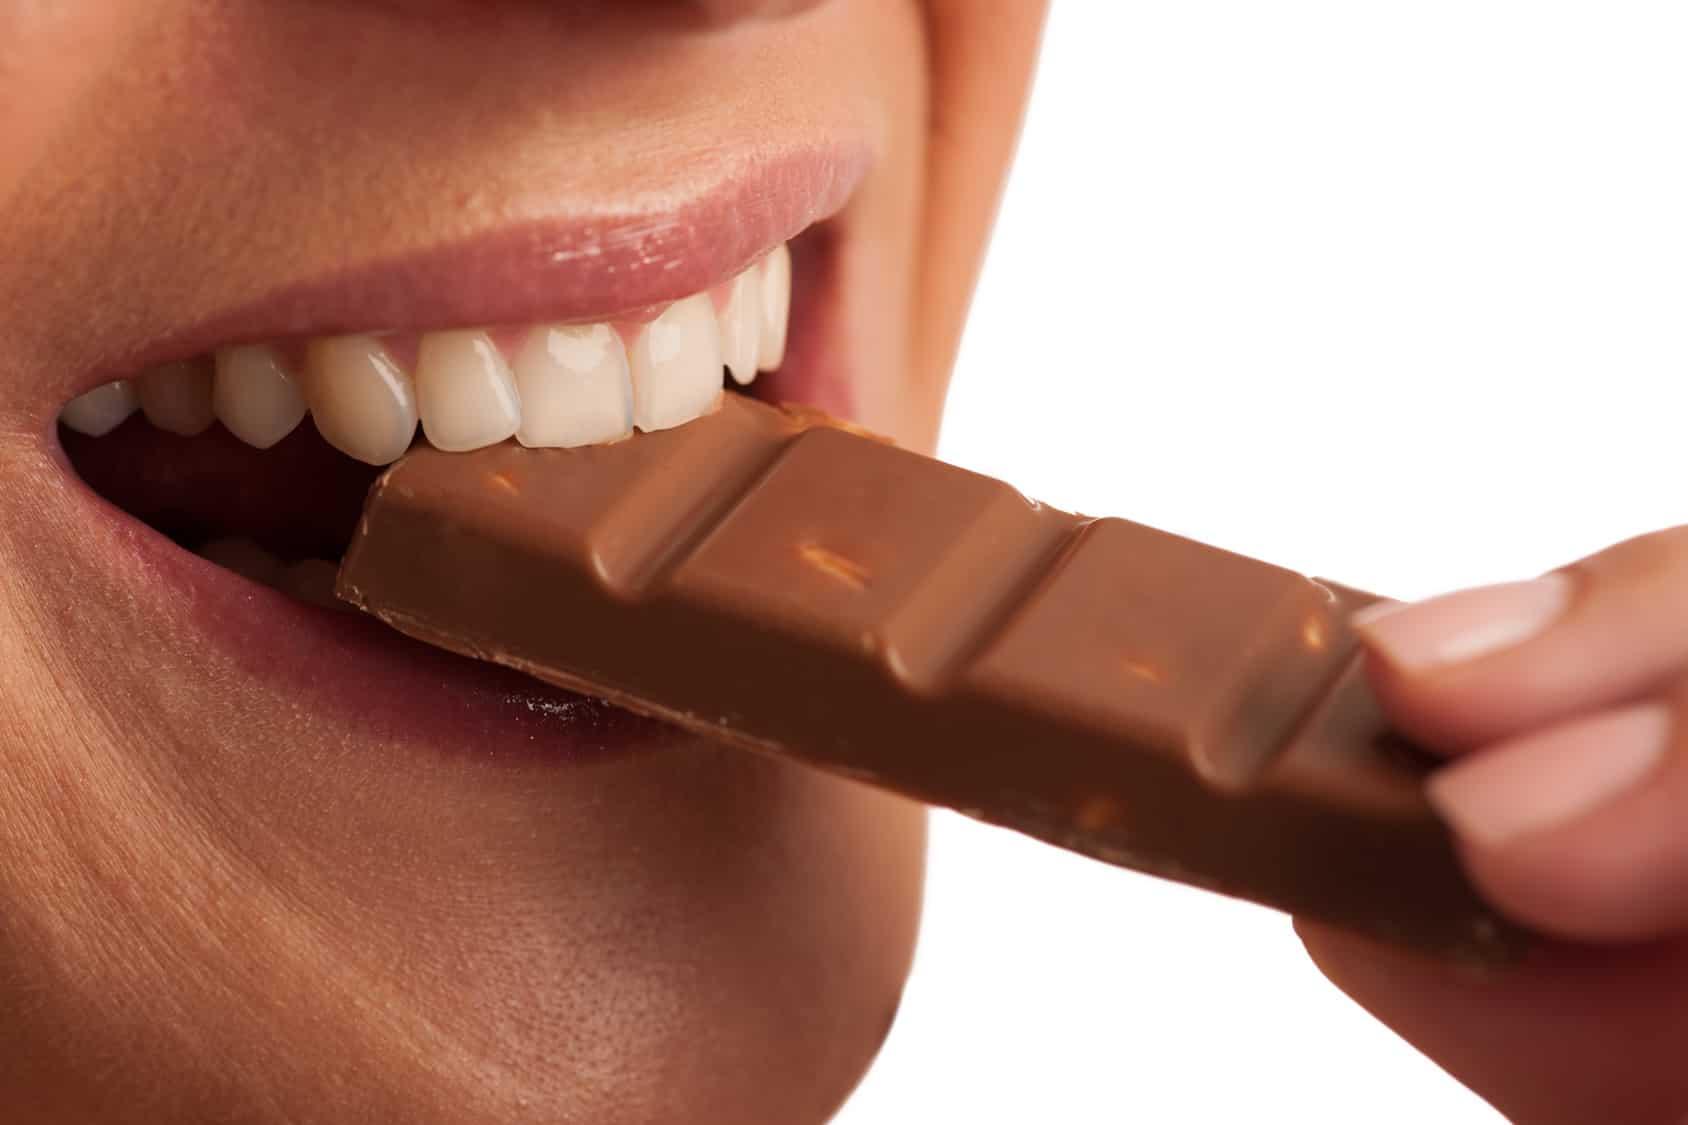 Çfarë ndodh me trupin tuaj nëse hani pak çokollatë çdo ditë